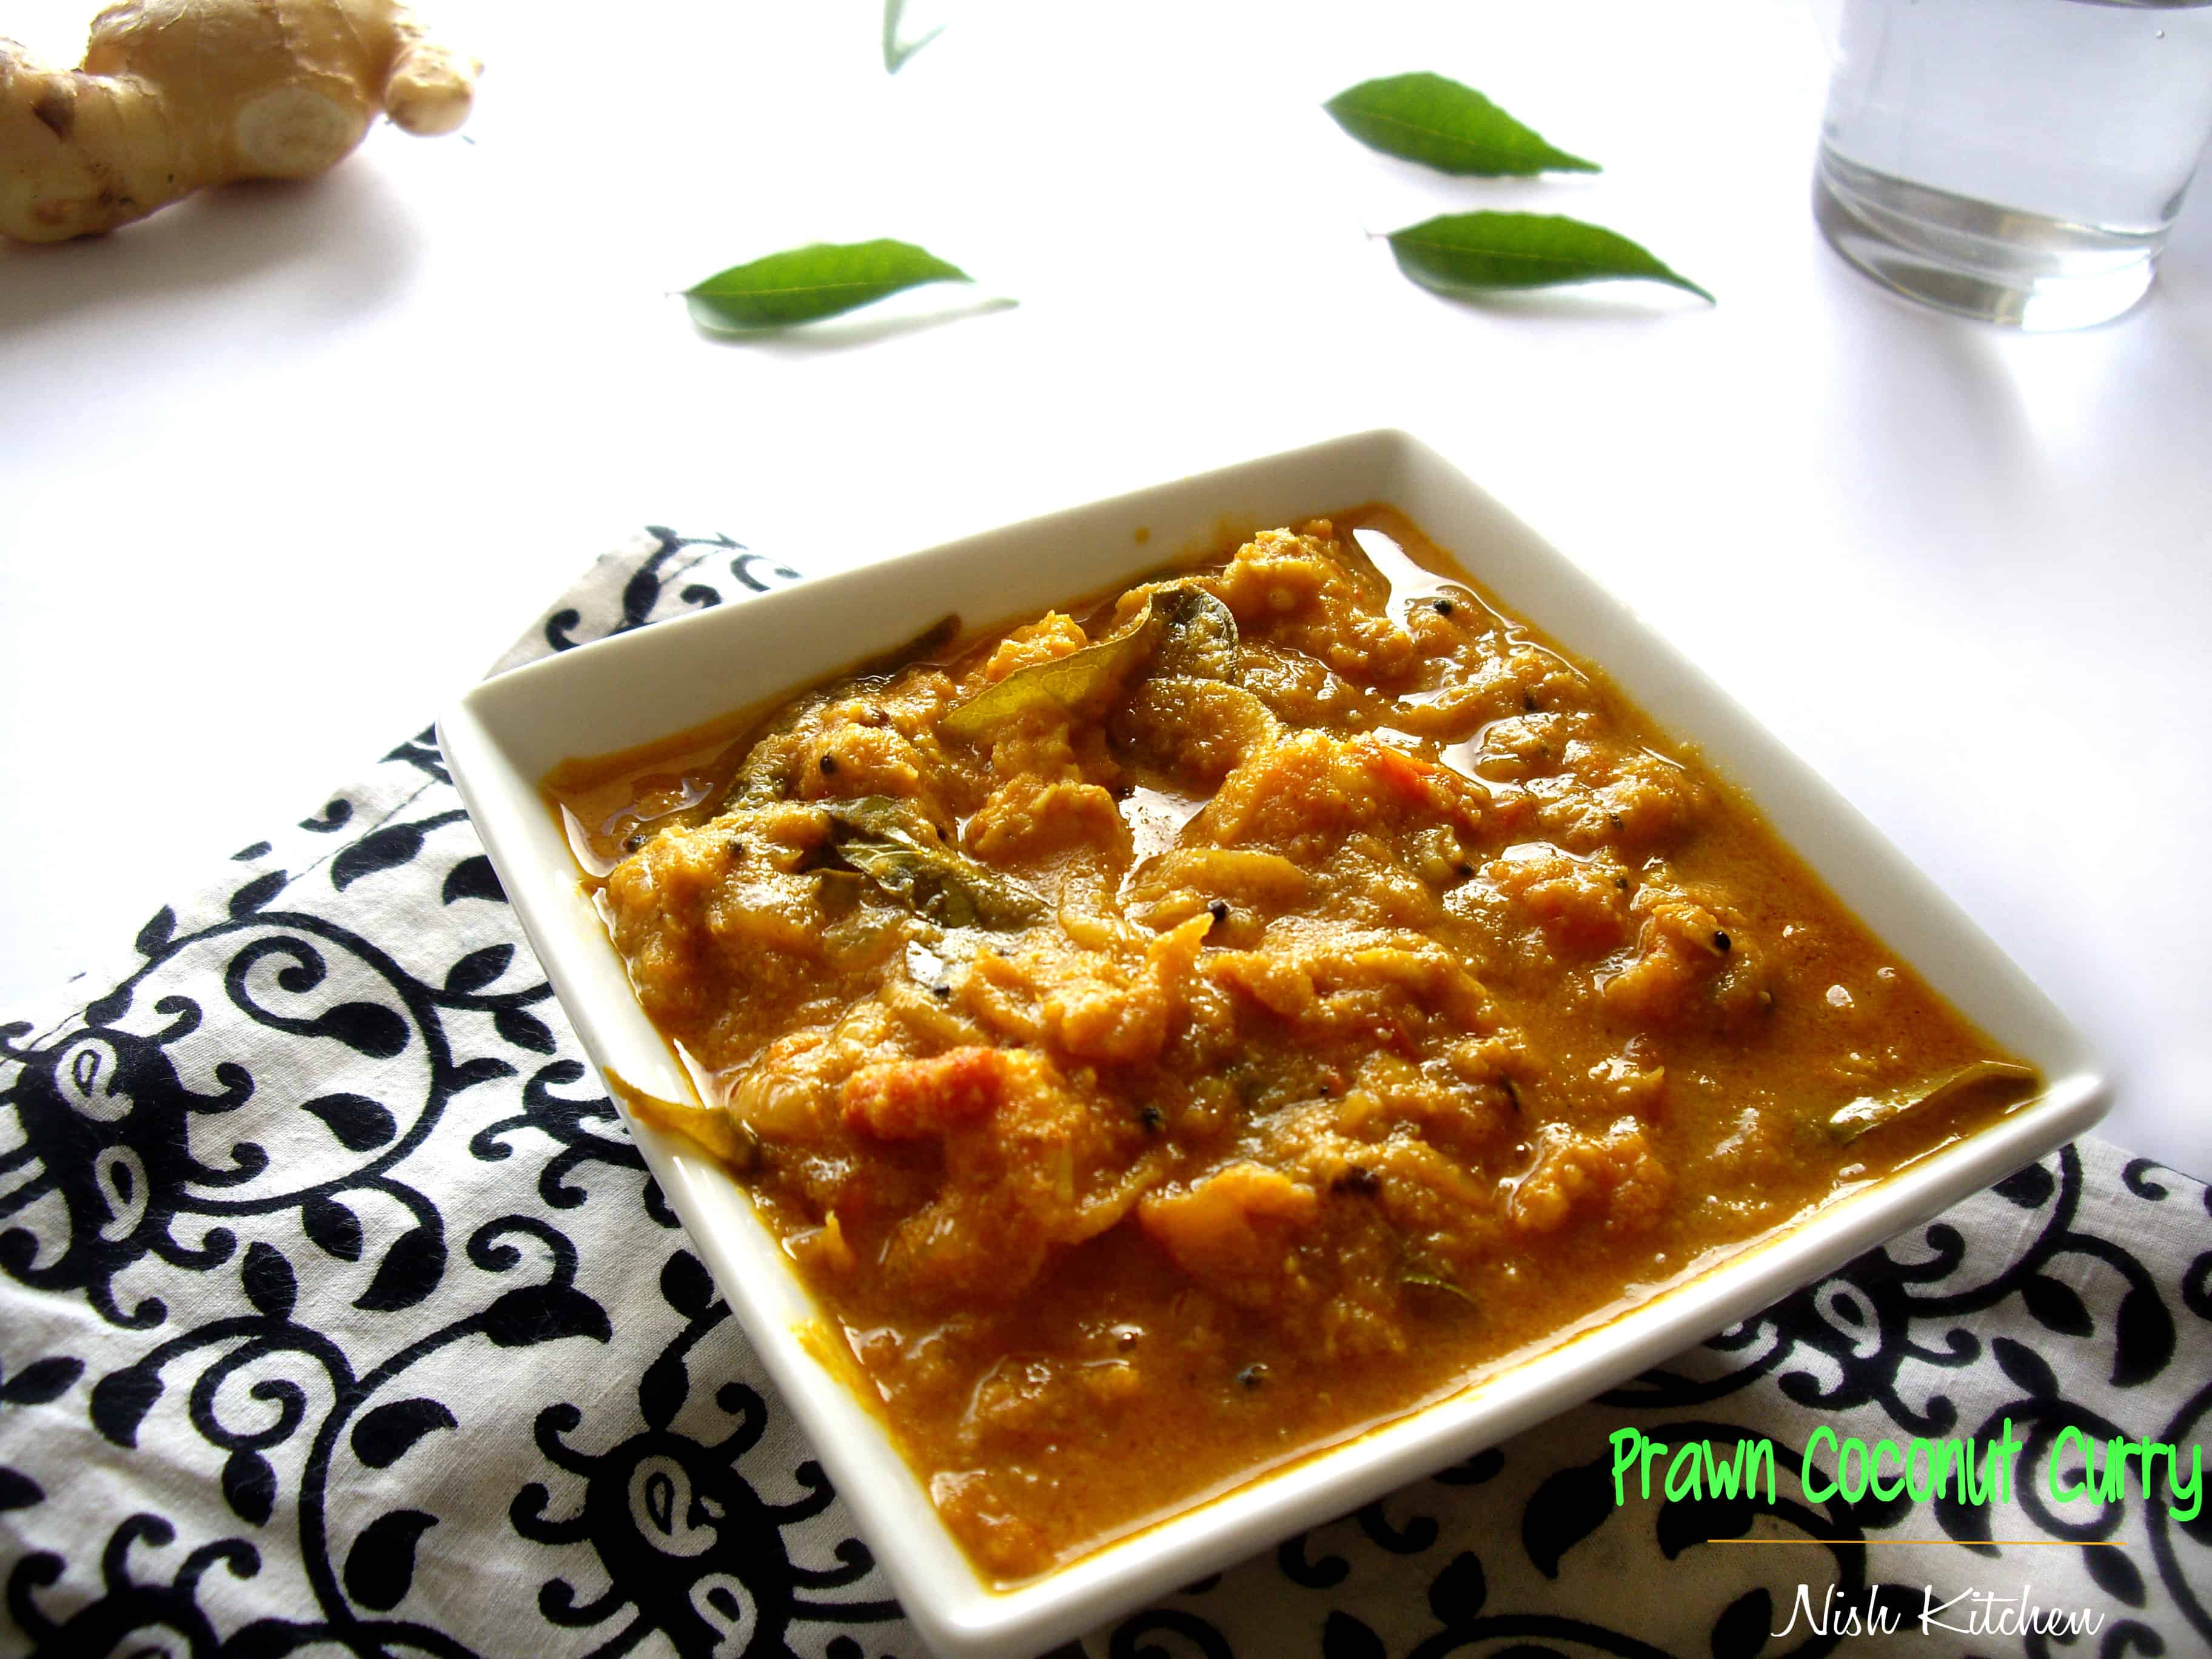 Prawn Coconut Curry